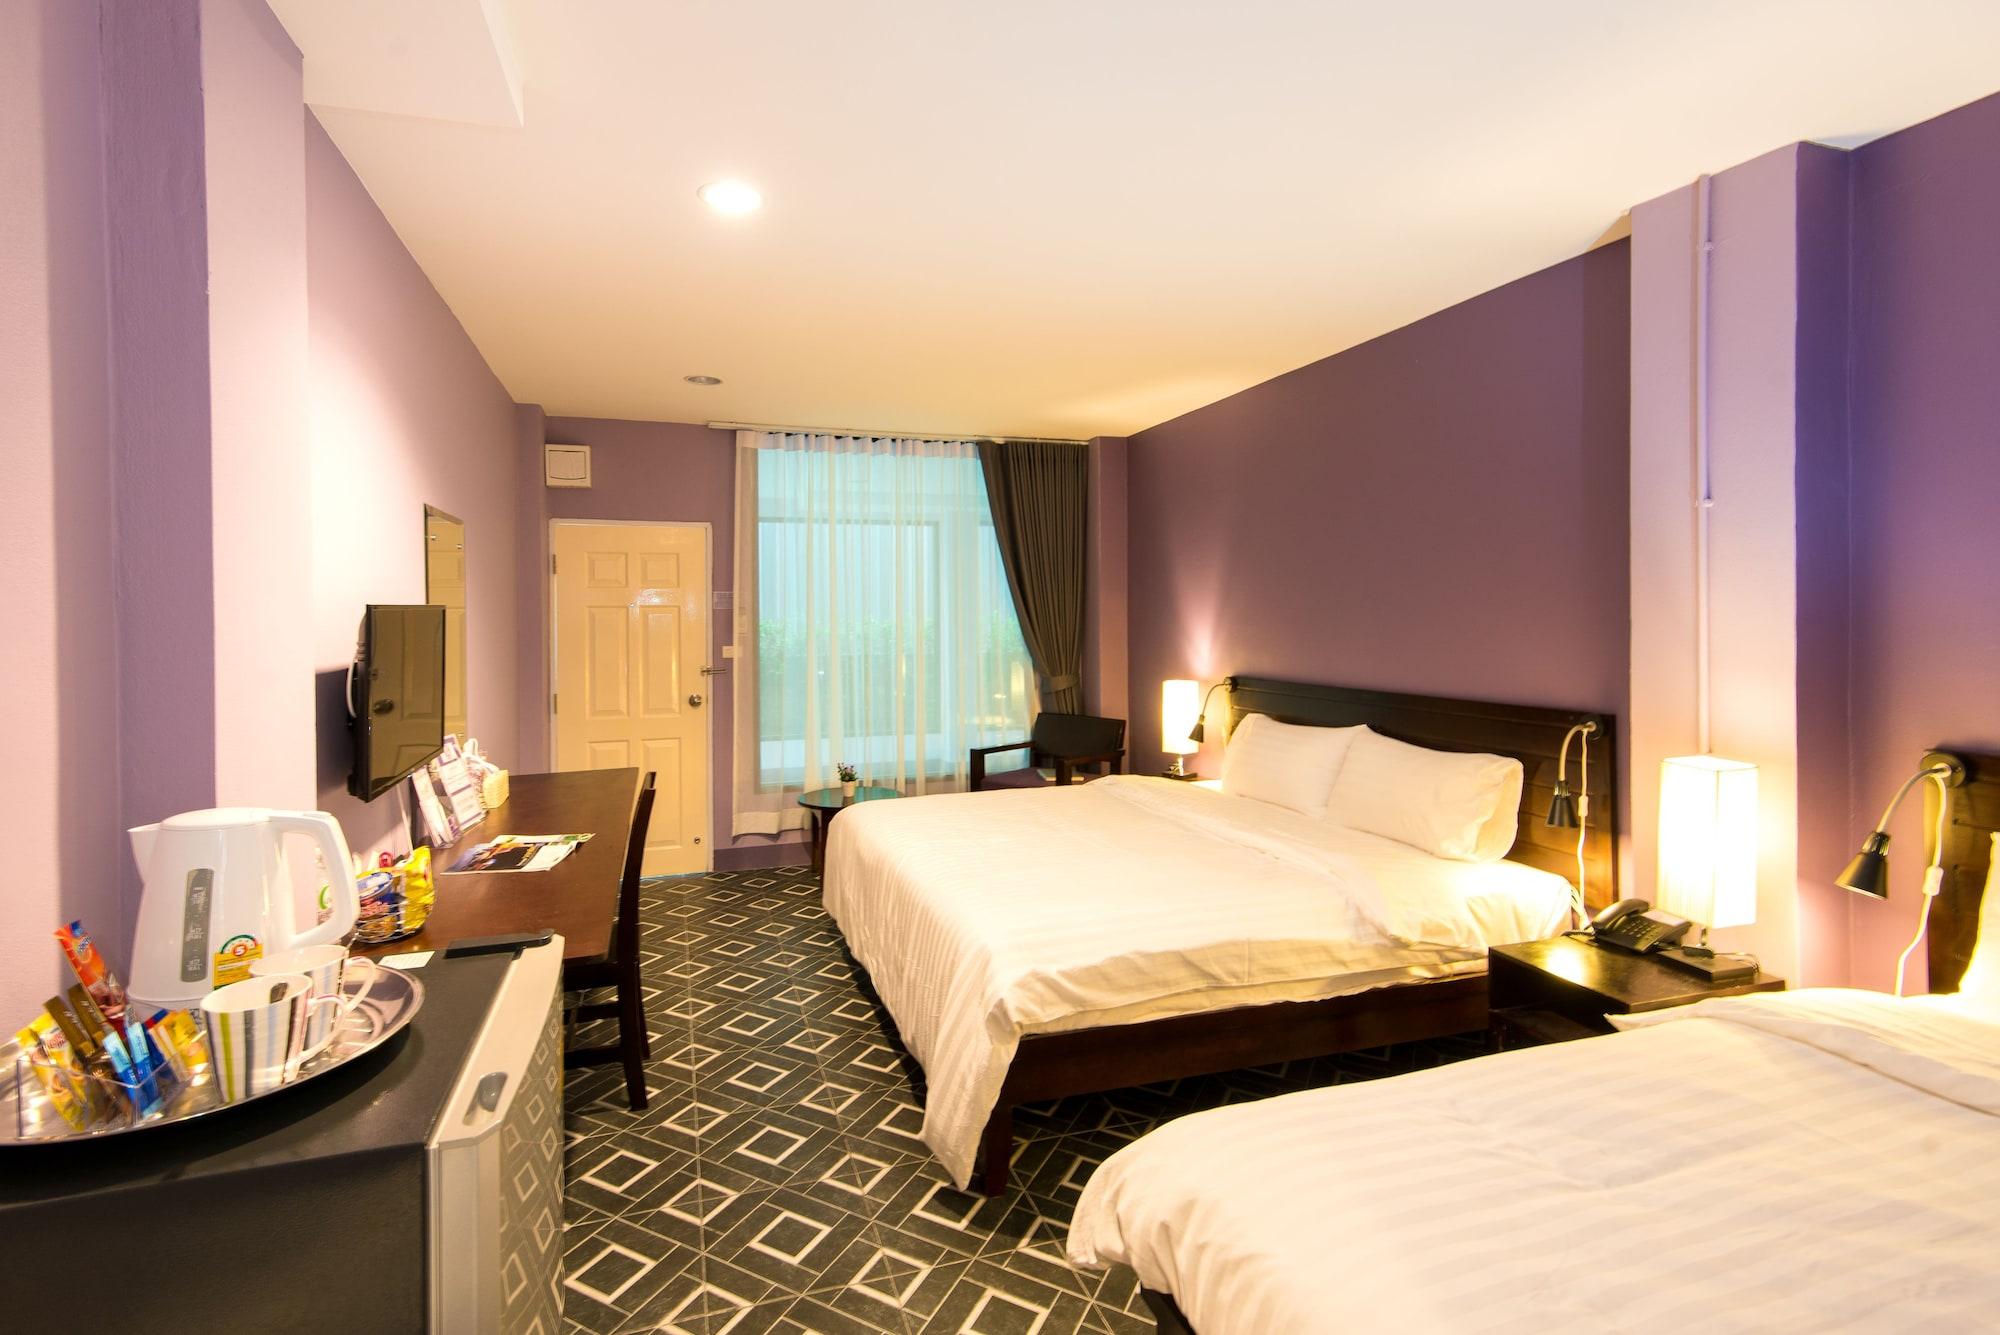 Lilac Relax Residence, Lat Krabang